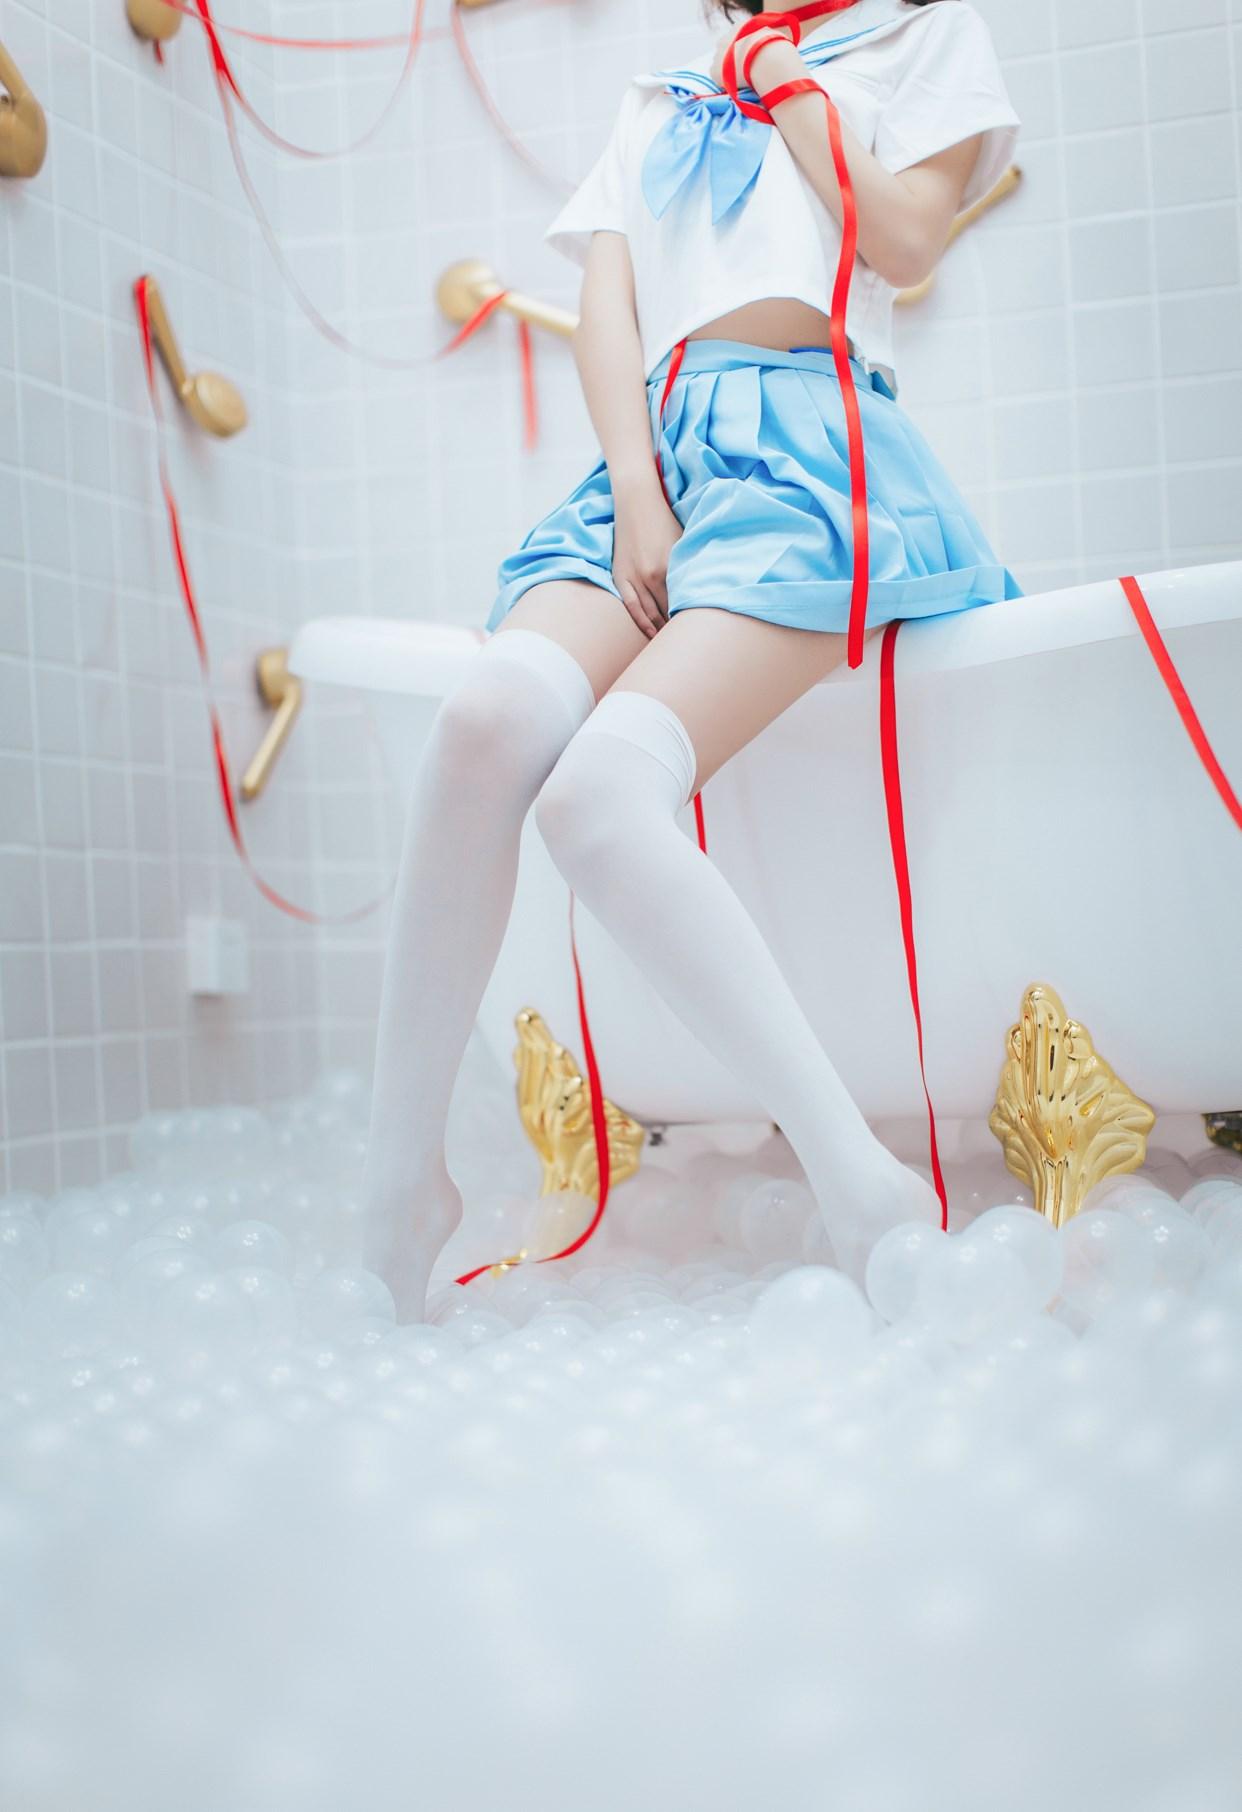 【兔玩映画】睡衣与浴室的水手服 兔玩映画 第40张